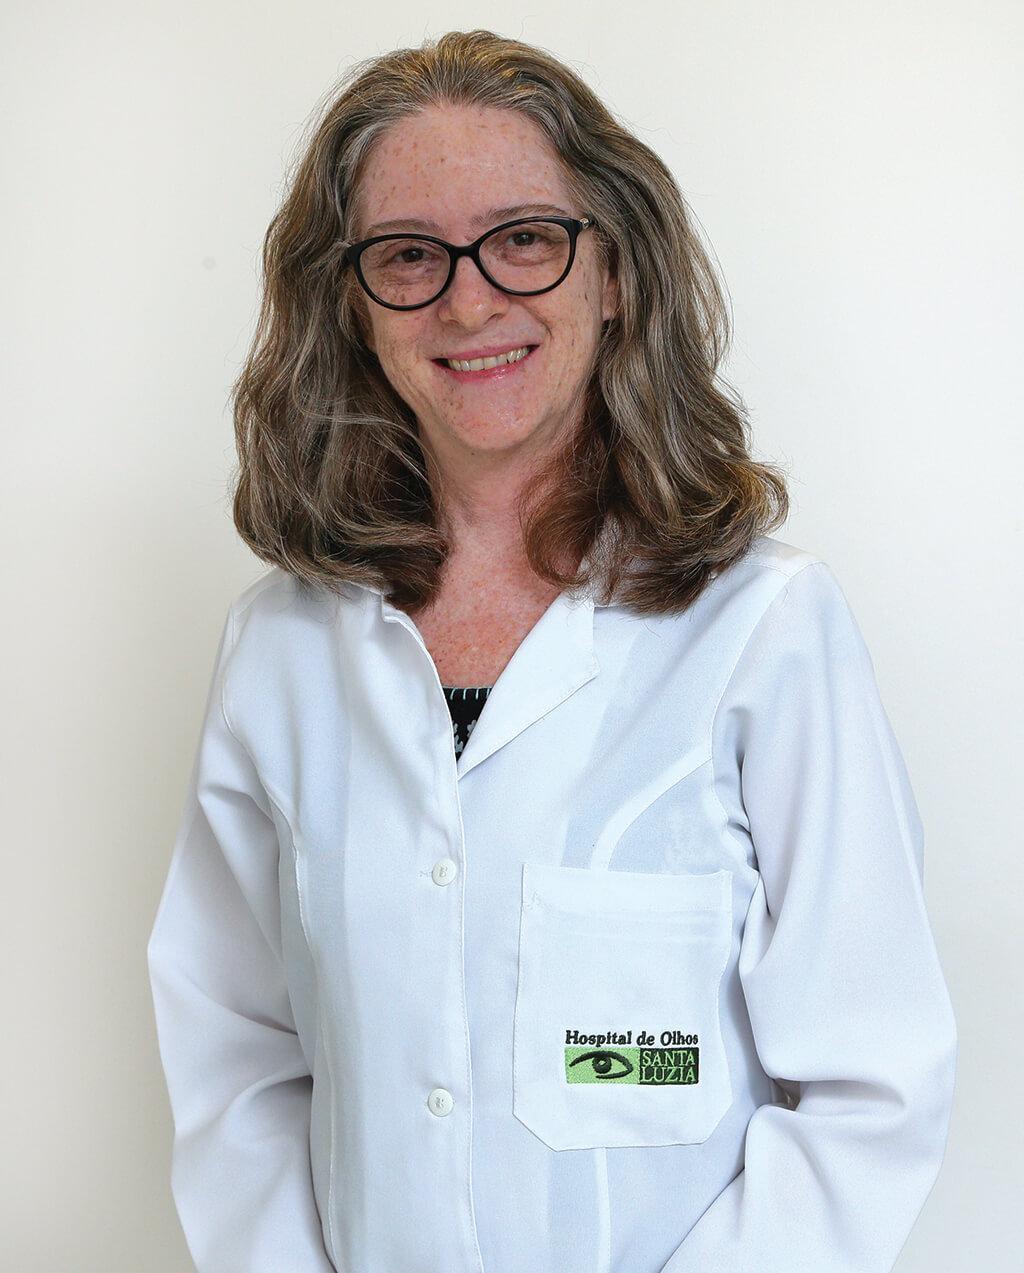 Suzana Raquel Valença